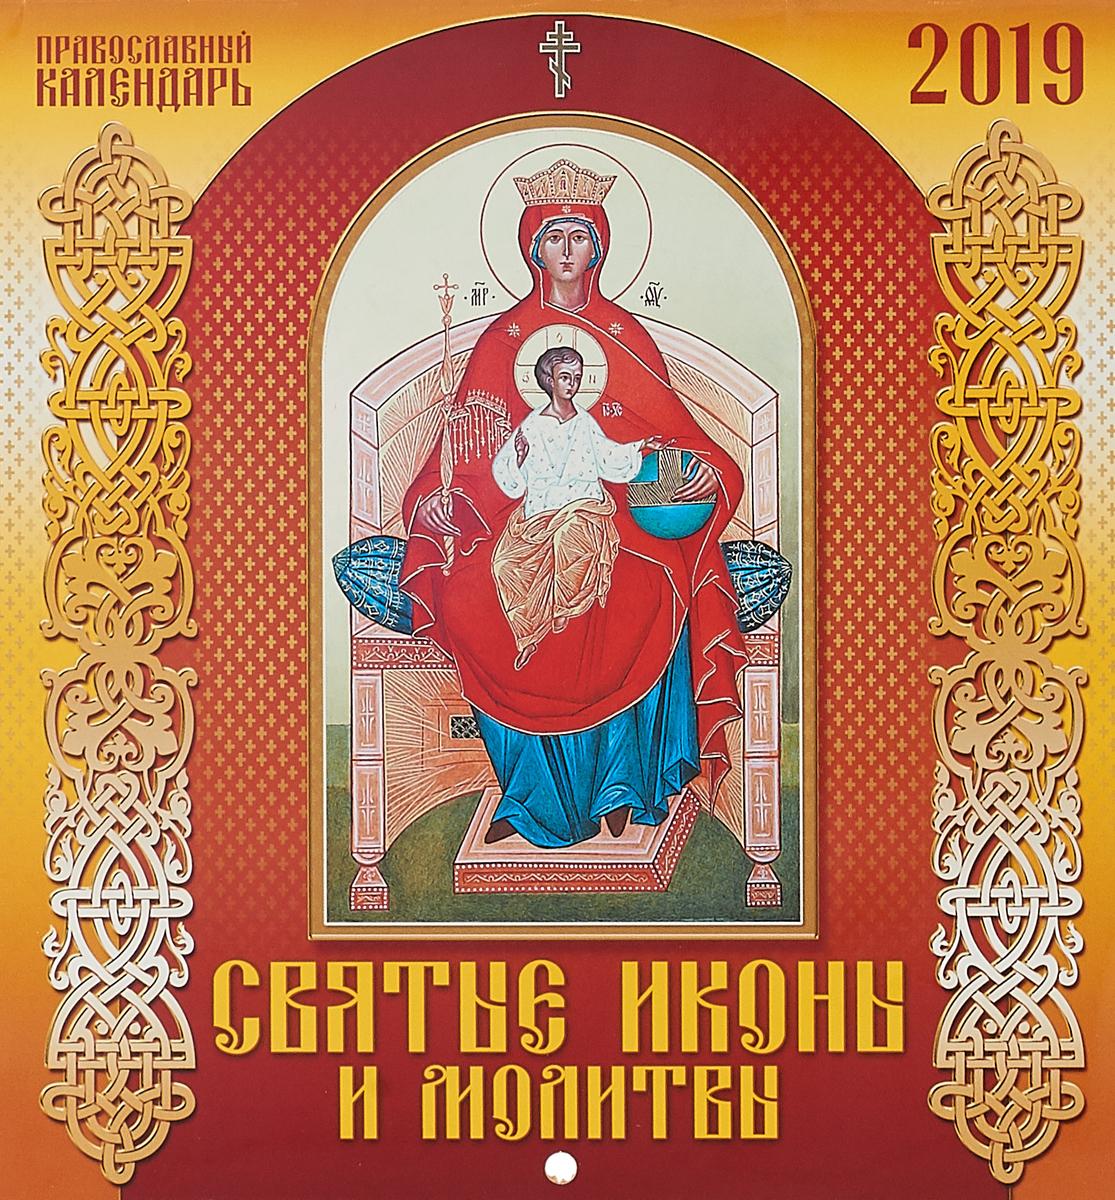 Фото - Календарь на 2019 год. Святые иконы и молитвы русские святые календарь на 2019 год